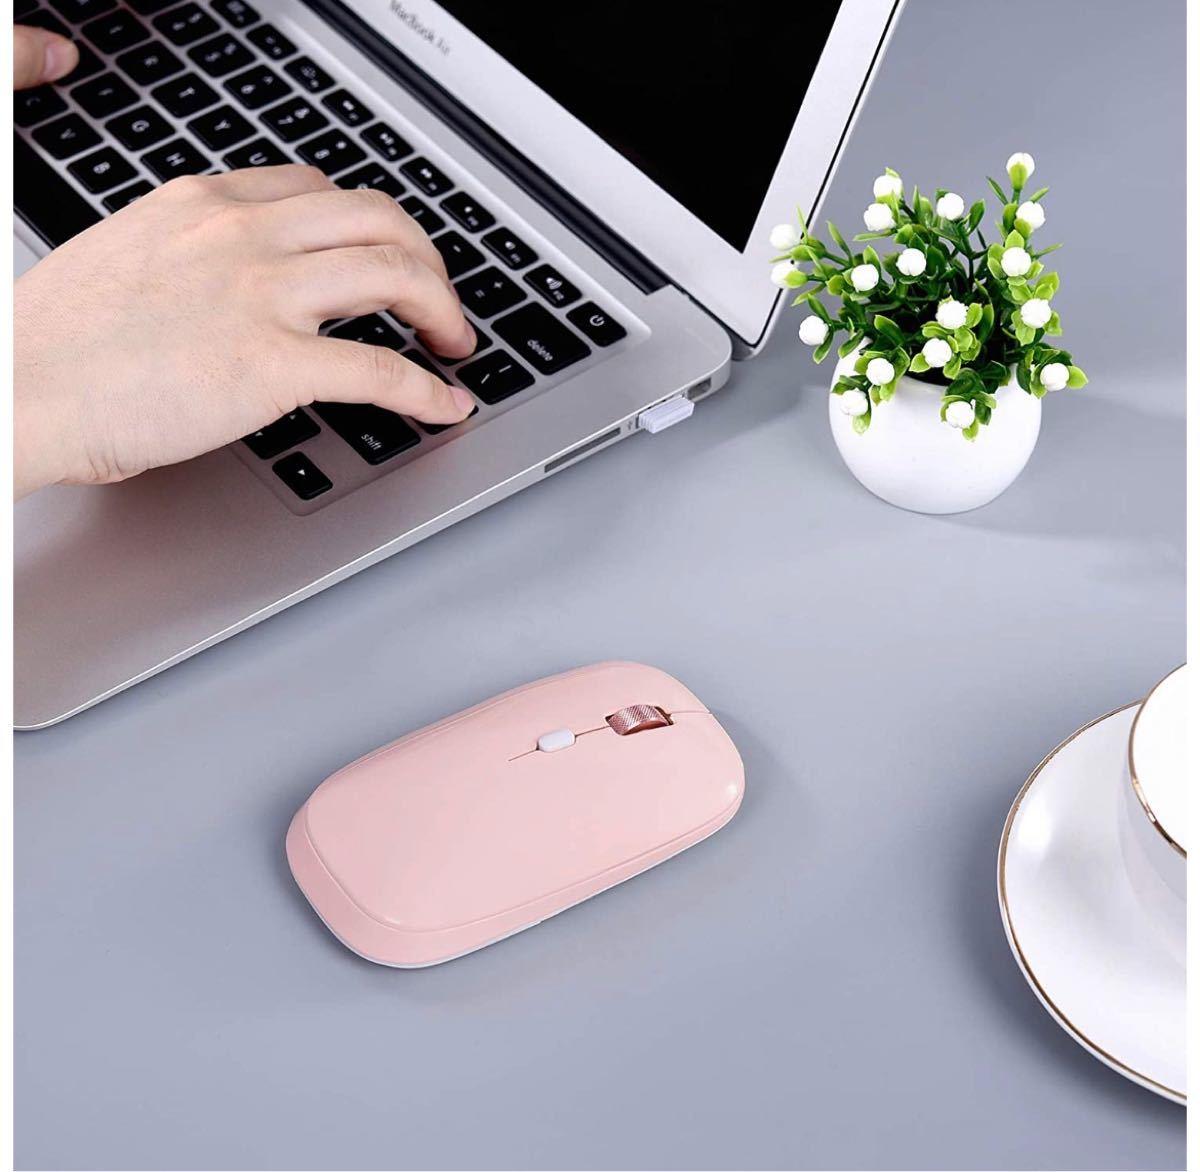 ワイヤレスマウス、超薄型マウス 無線マウス 低噪音